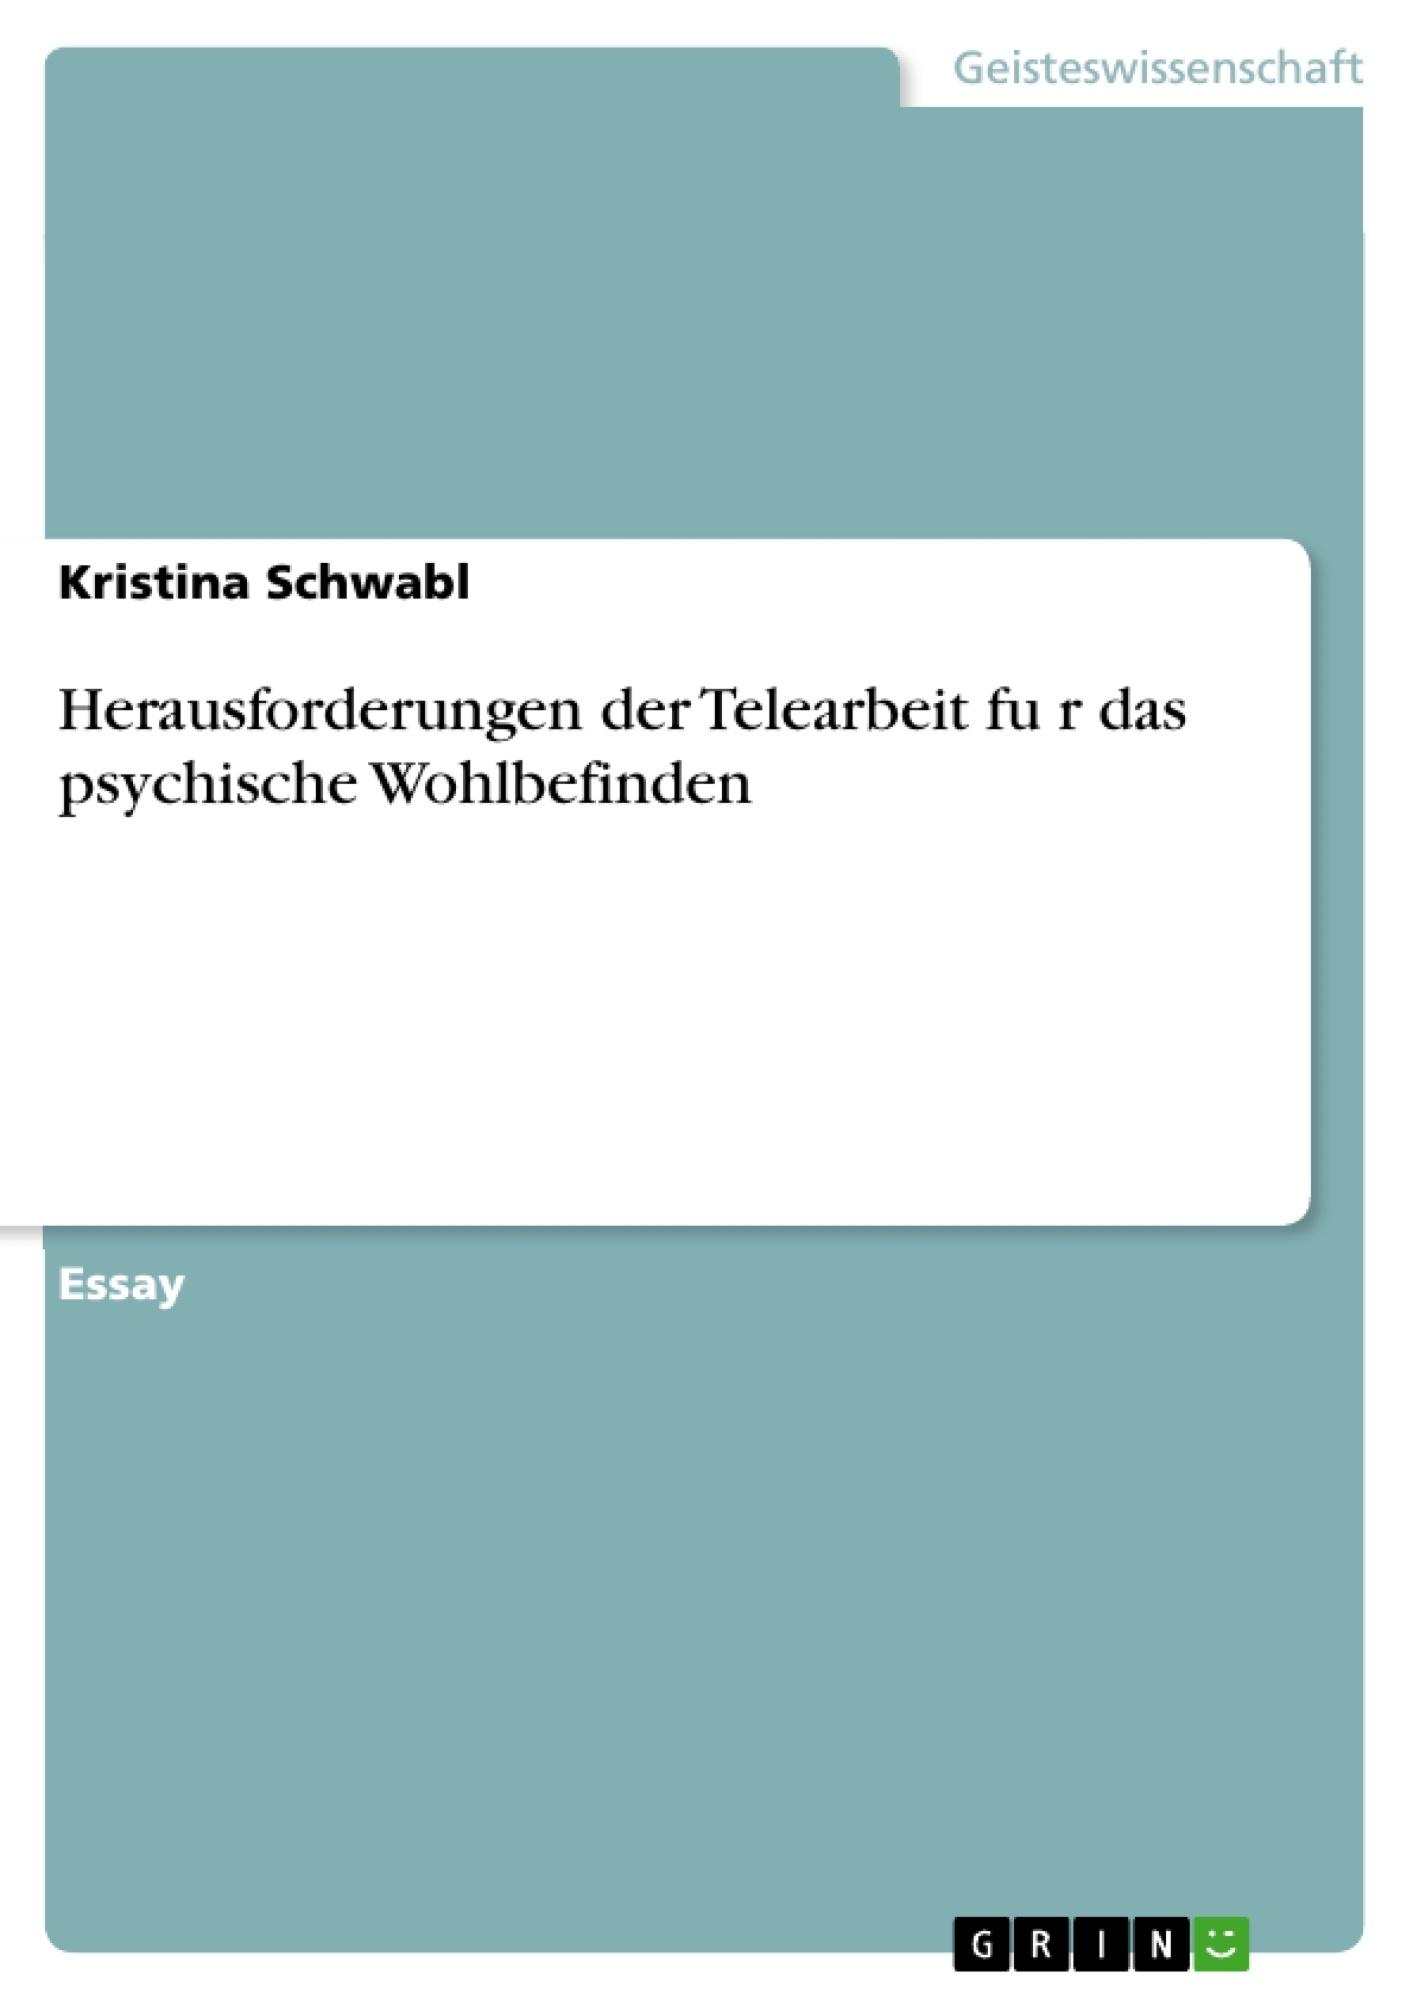 Titel: Herausforderungen der Telearbeit für das psychische Wohlbefinden